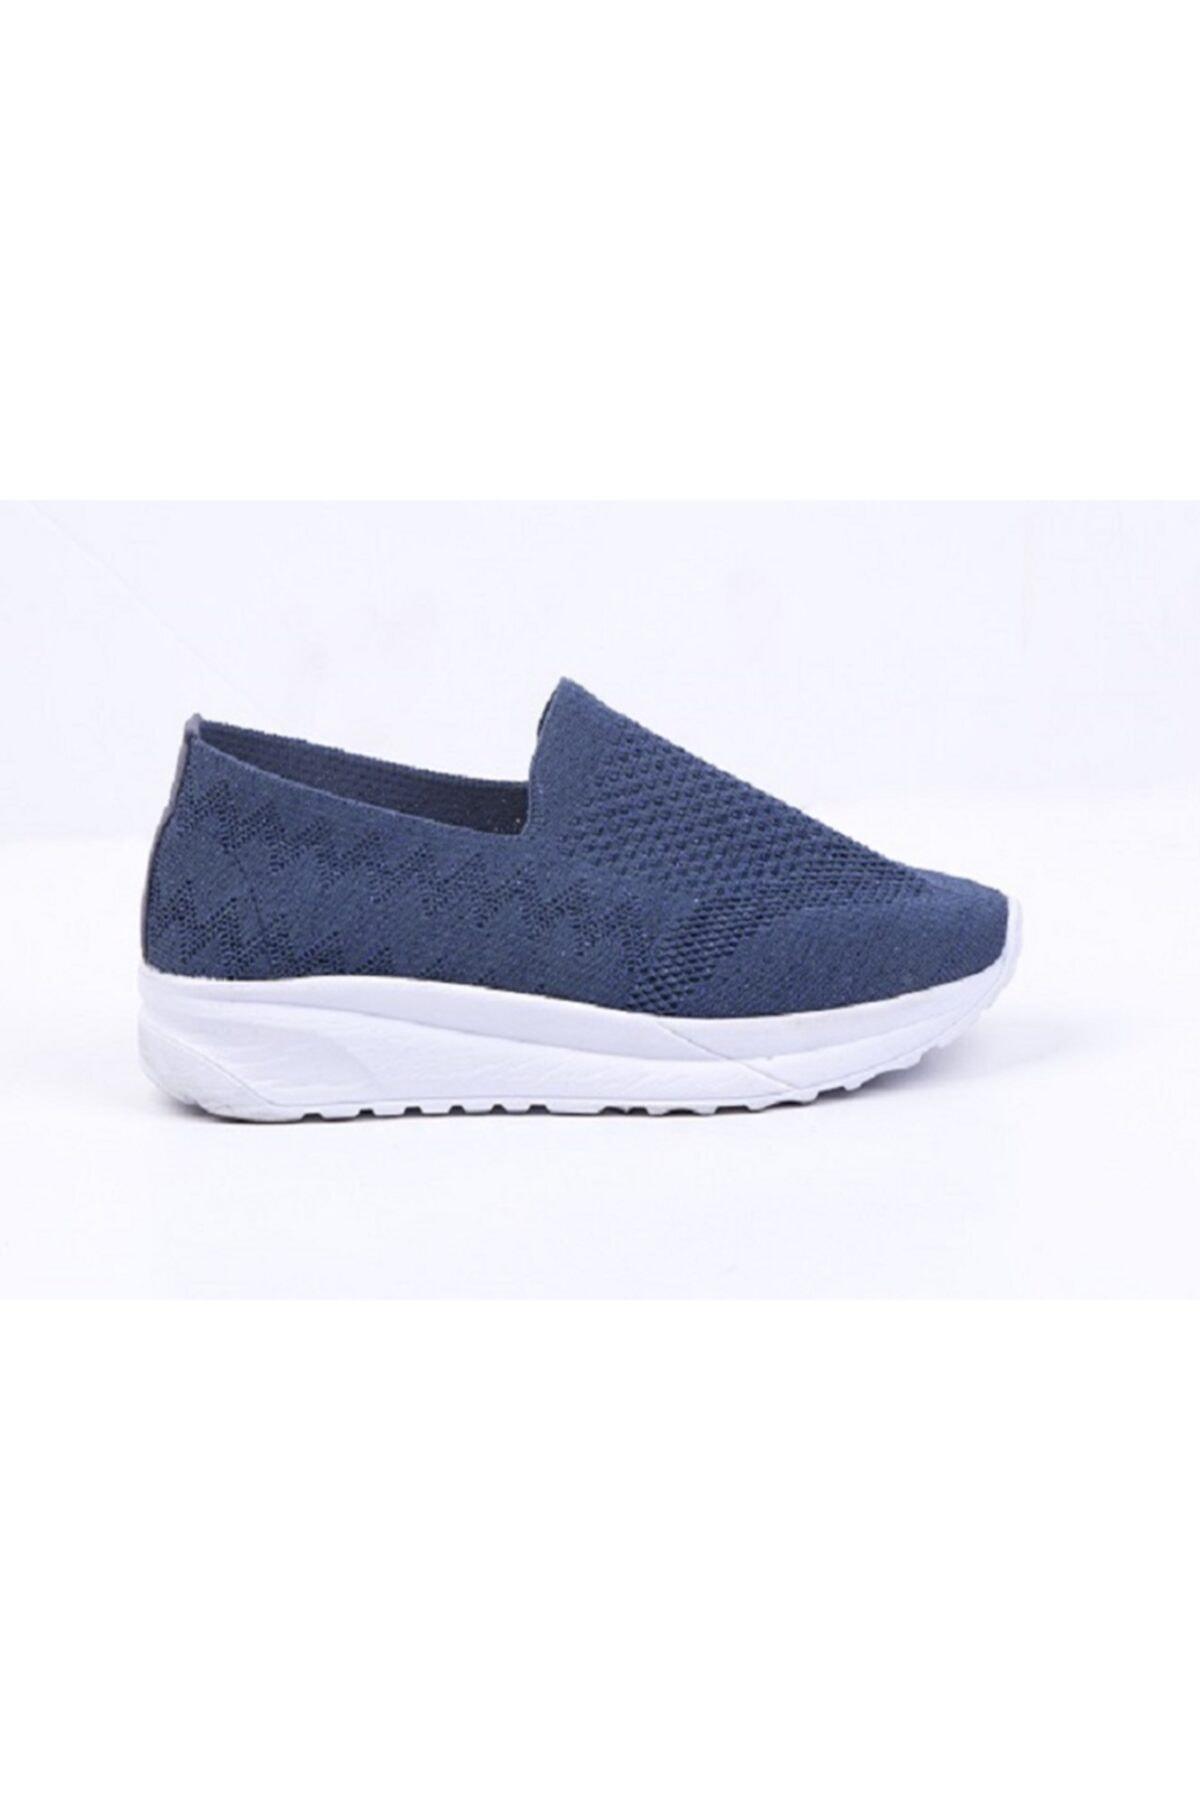 DR SOFT Kadın Lacivert Ortopedik Yürüyüş Ayakkabısı Tekstil 2